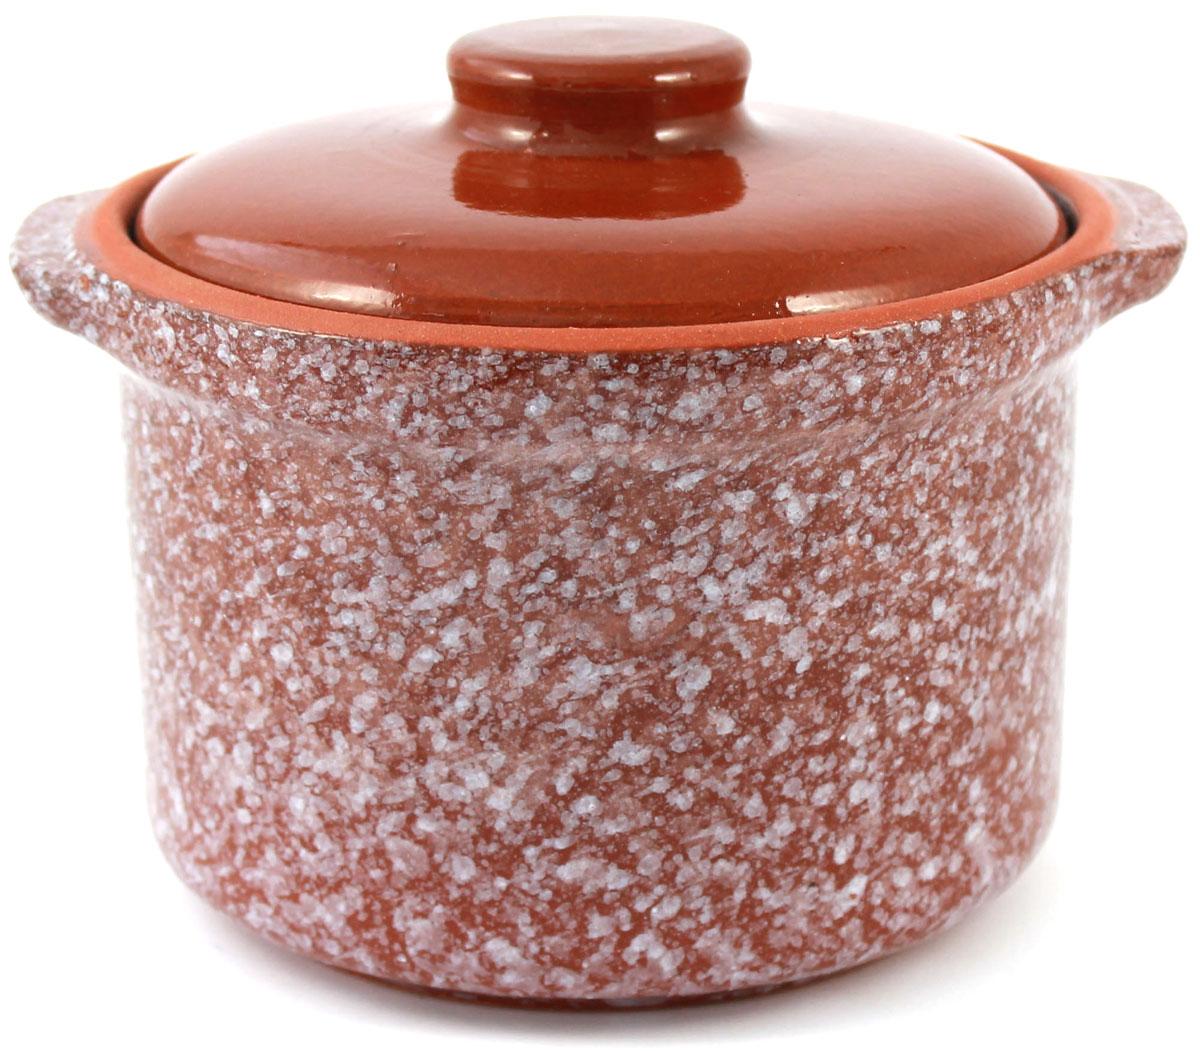 Кастрюля керамическая Ломоносовская керамика с крышкой, цвет: коричневый мрамор, 600 мл1ГС3мк-4Кастрюля Ломоносовская керамика выполнена из высококачественной глины. Покрытие абсолютно безопасно для здоровья, не содержит вредных веществ. Кастрюля оснащена удобными боковыми ручками и керамической крышкой. Она плотно прилегает к краям посуды, сохраняя аромат блюд.